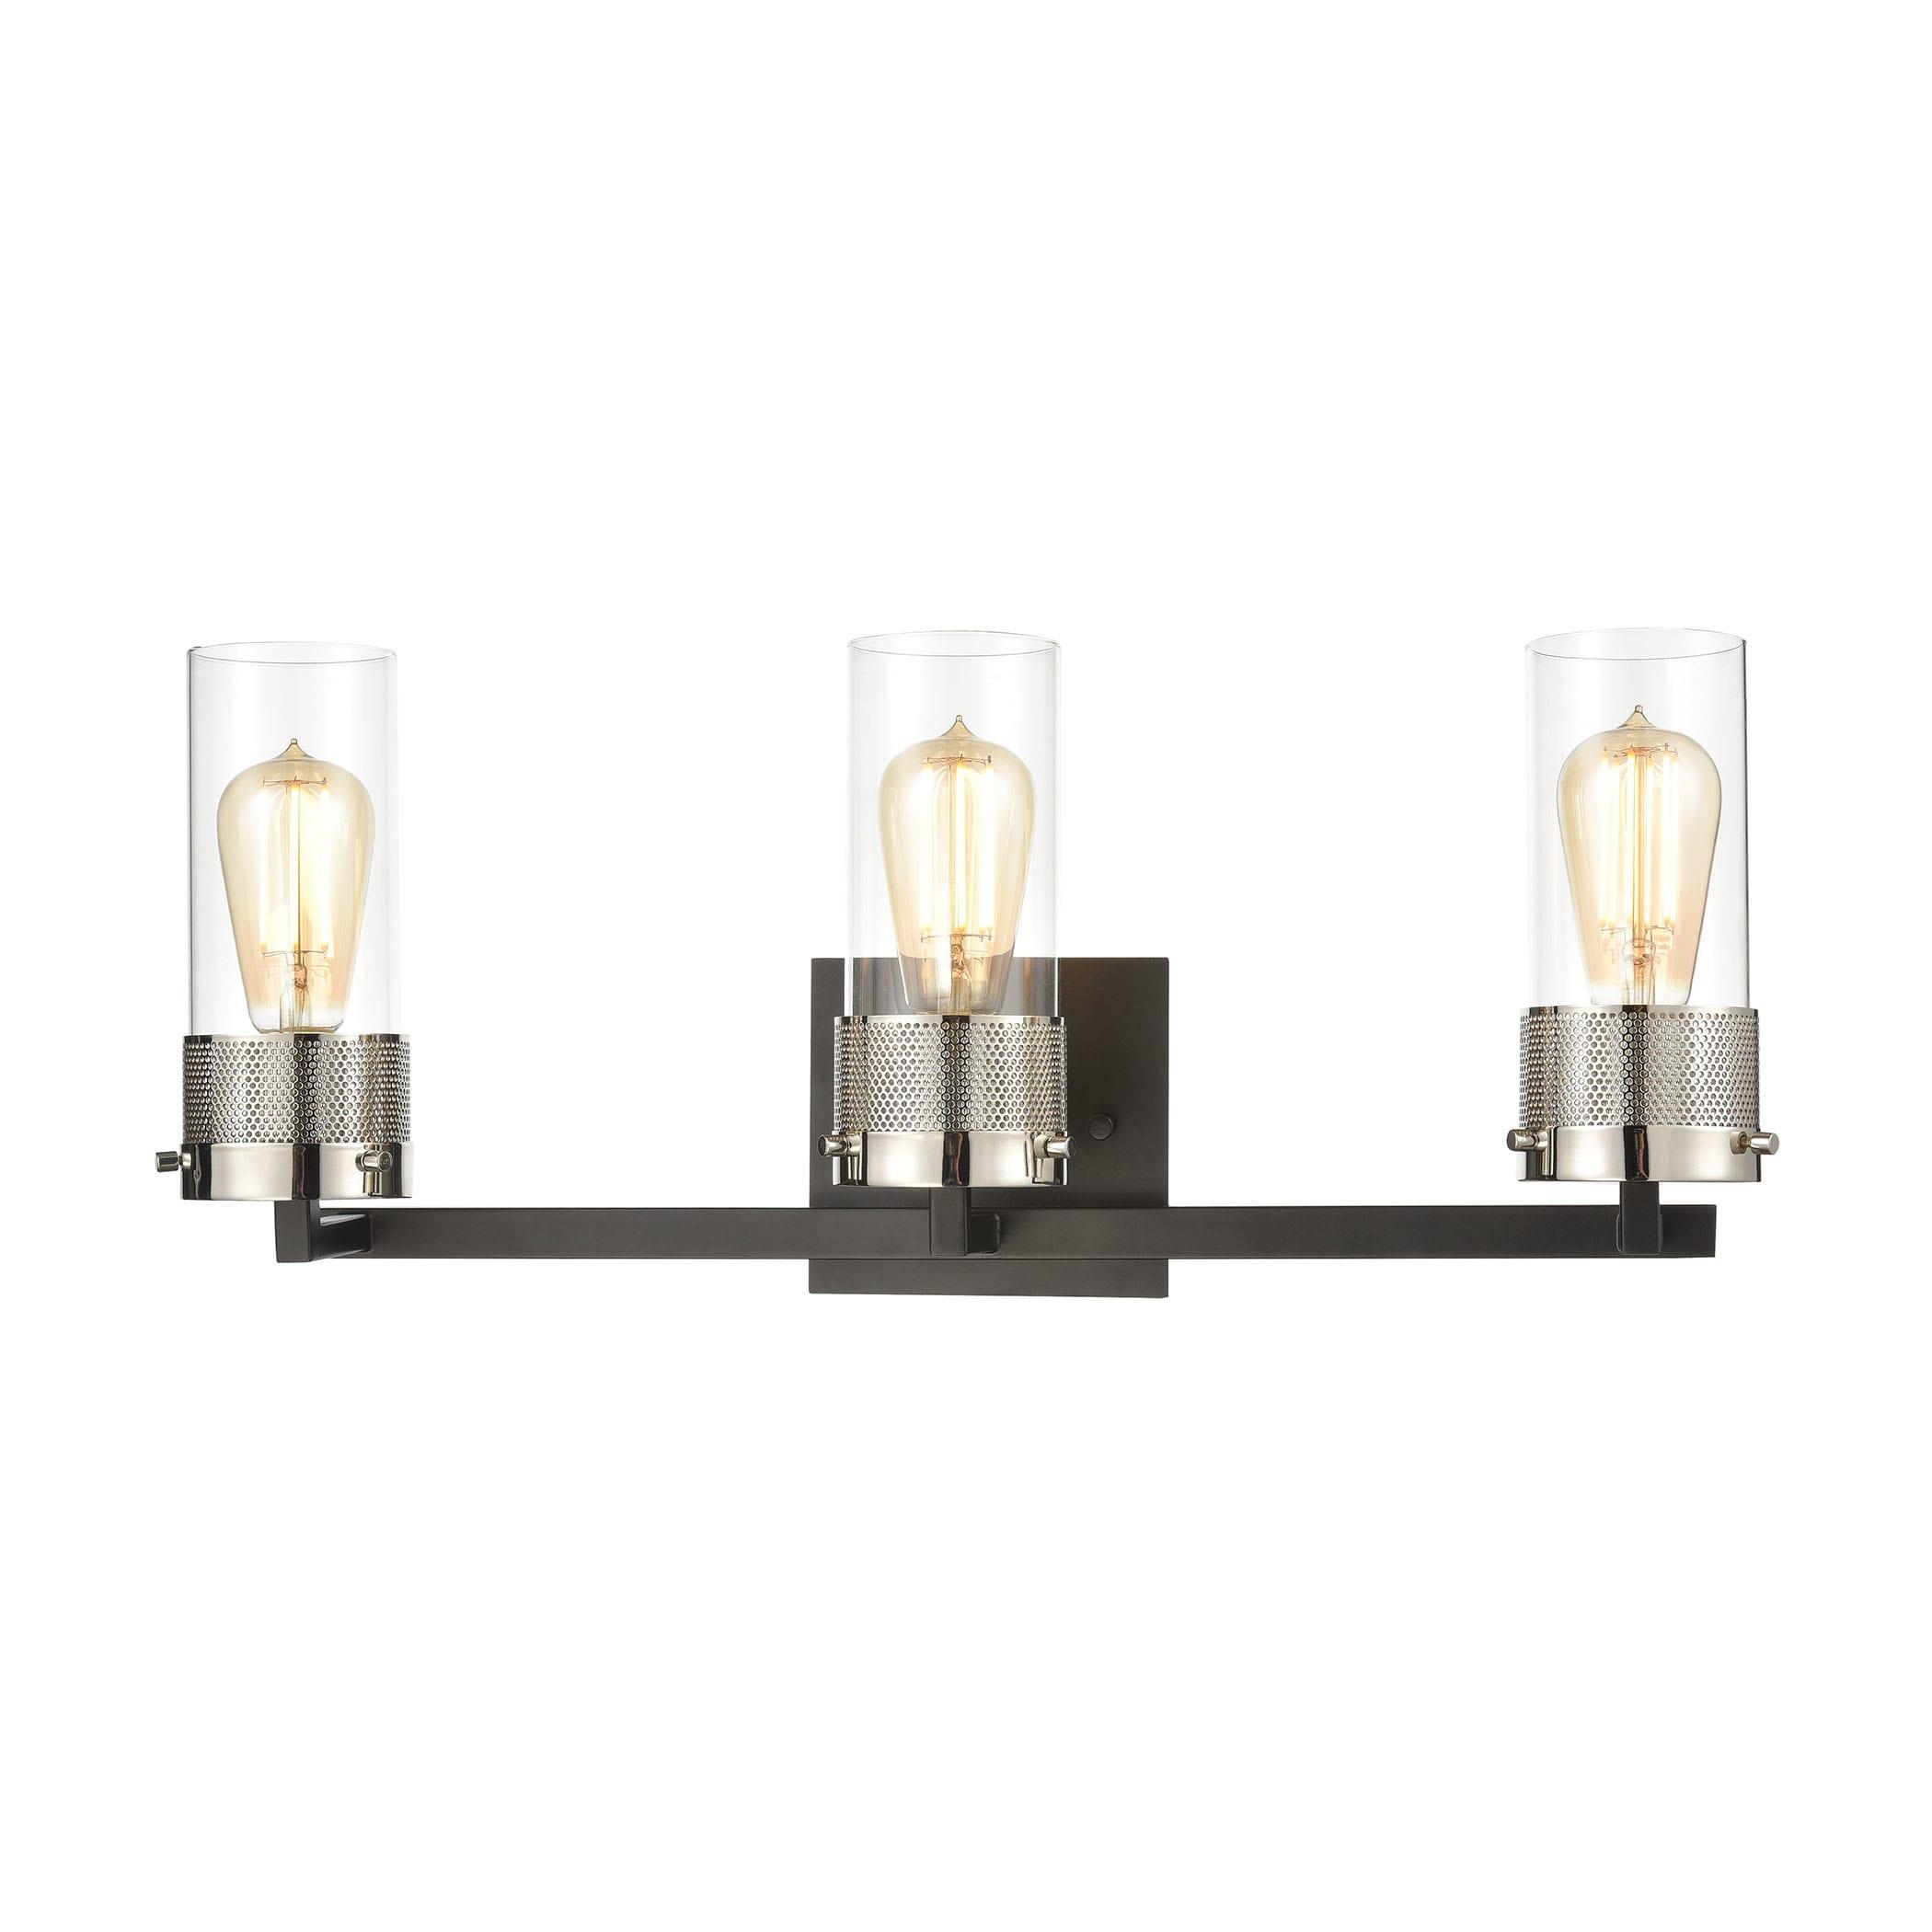 Image of: Elk Lighting 12142 3 Matte Black Polished Nickel Bergenline 3 Light 23 Wide Bathroom Vanity Light Lightingdirect Com